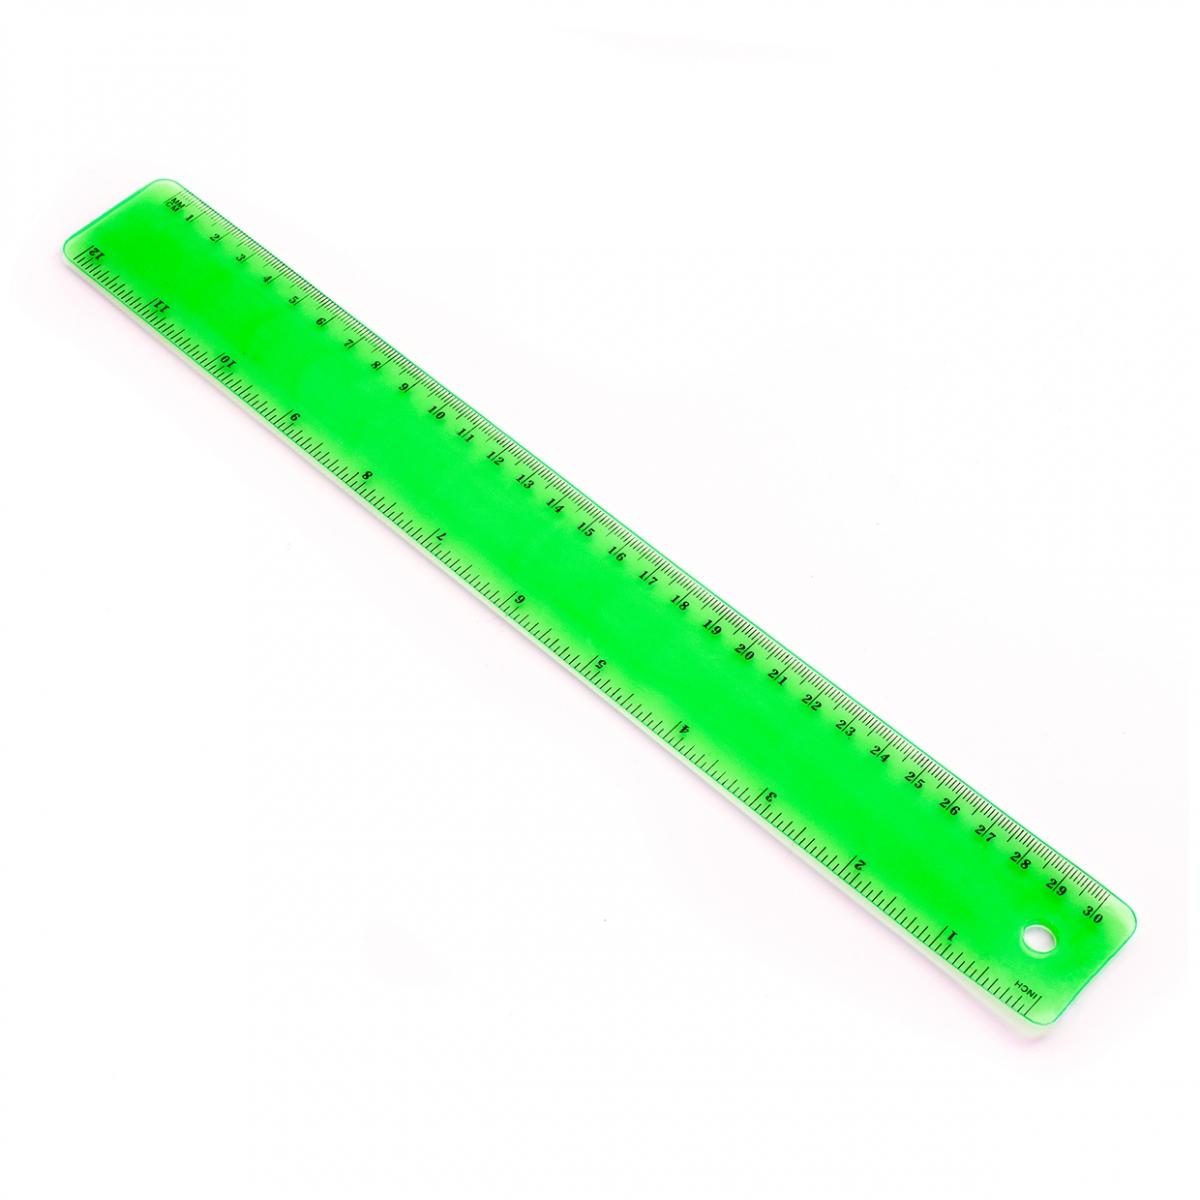 Imagen en la que aparece una regla para medir y trazar líneas rectas